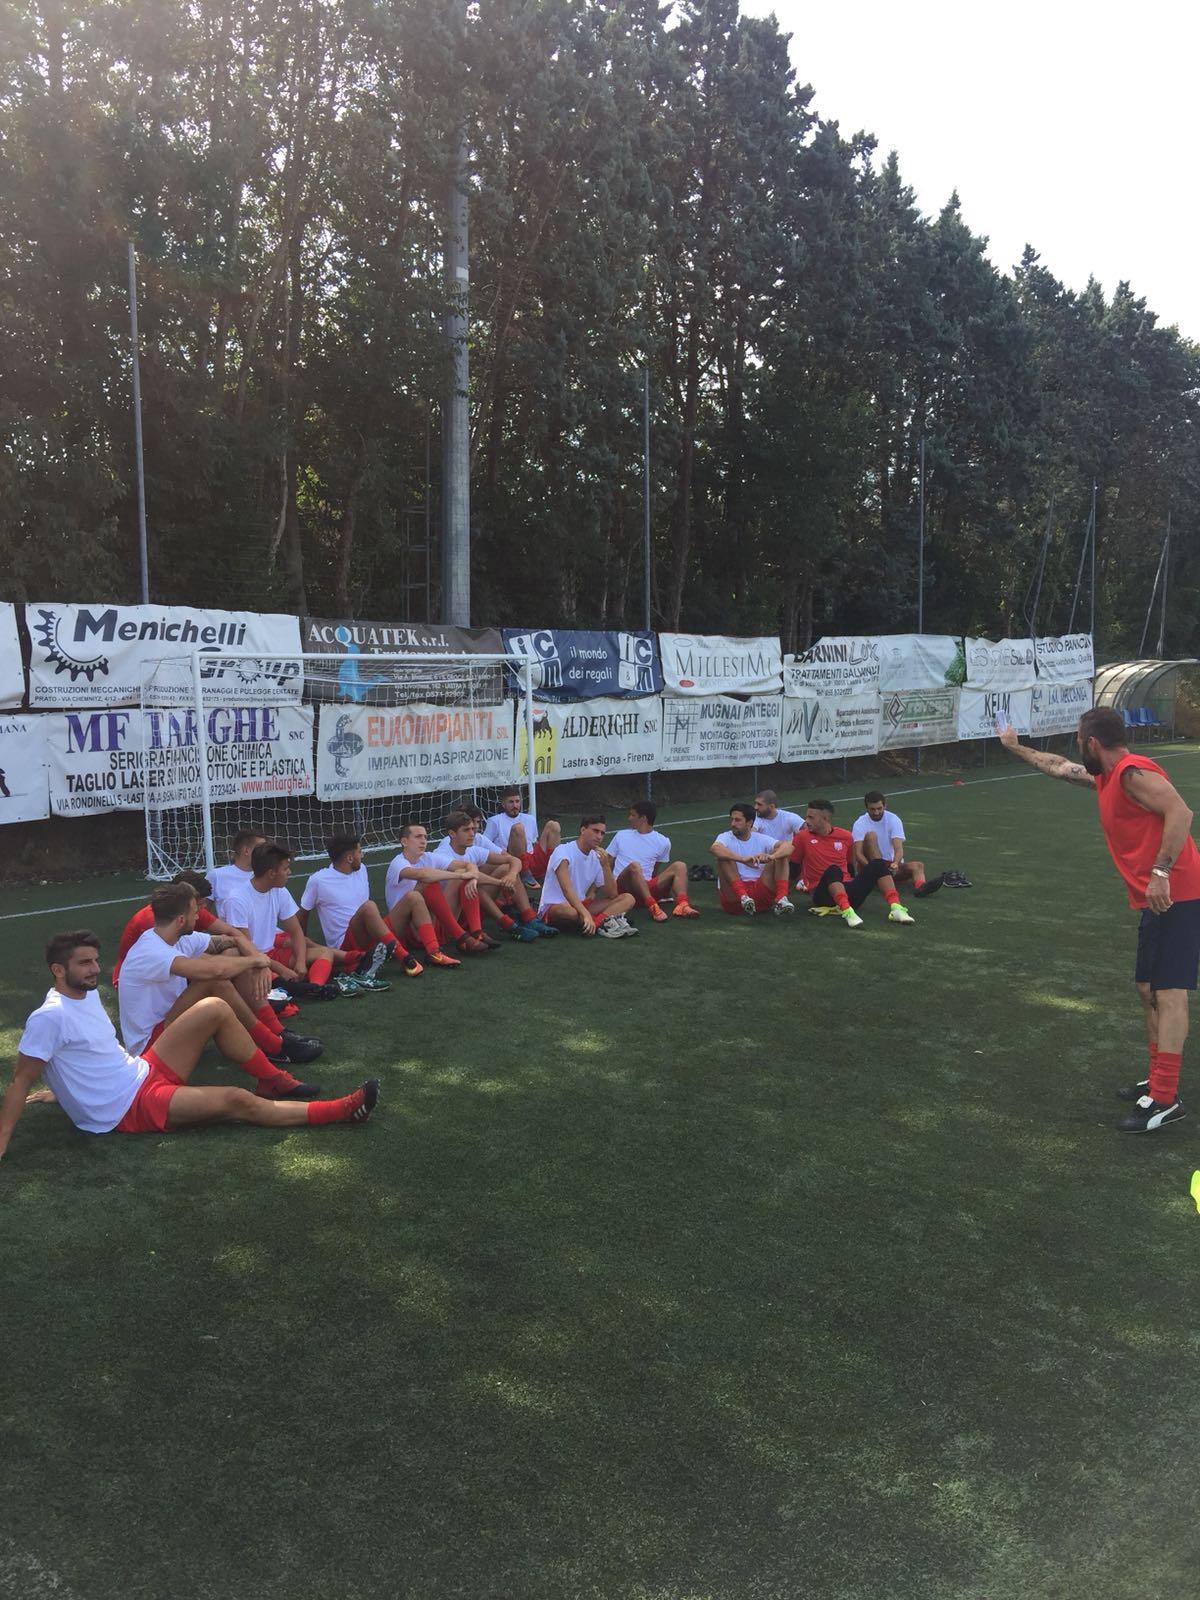 Finalmente si riparte!! Agli ordini di mister Marco Ghizzani il nuovo gruppo che affronterà il campionato di eccellenza!!! FORZA RAGAZZI!!!